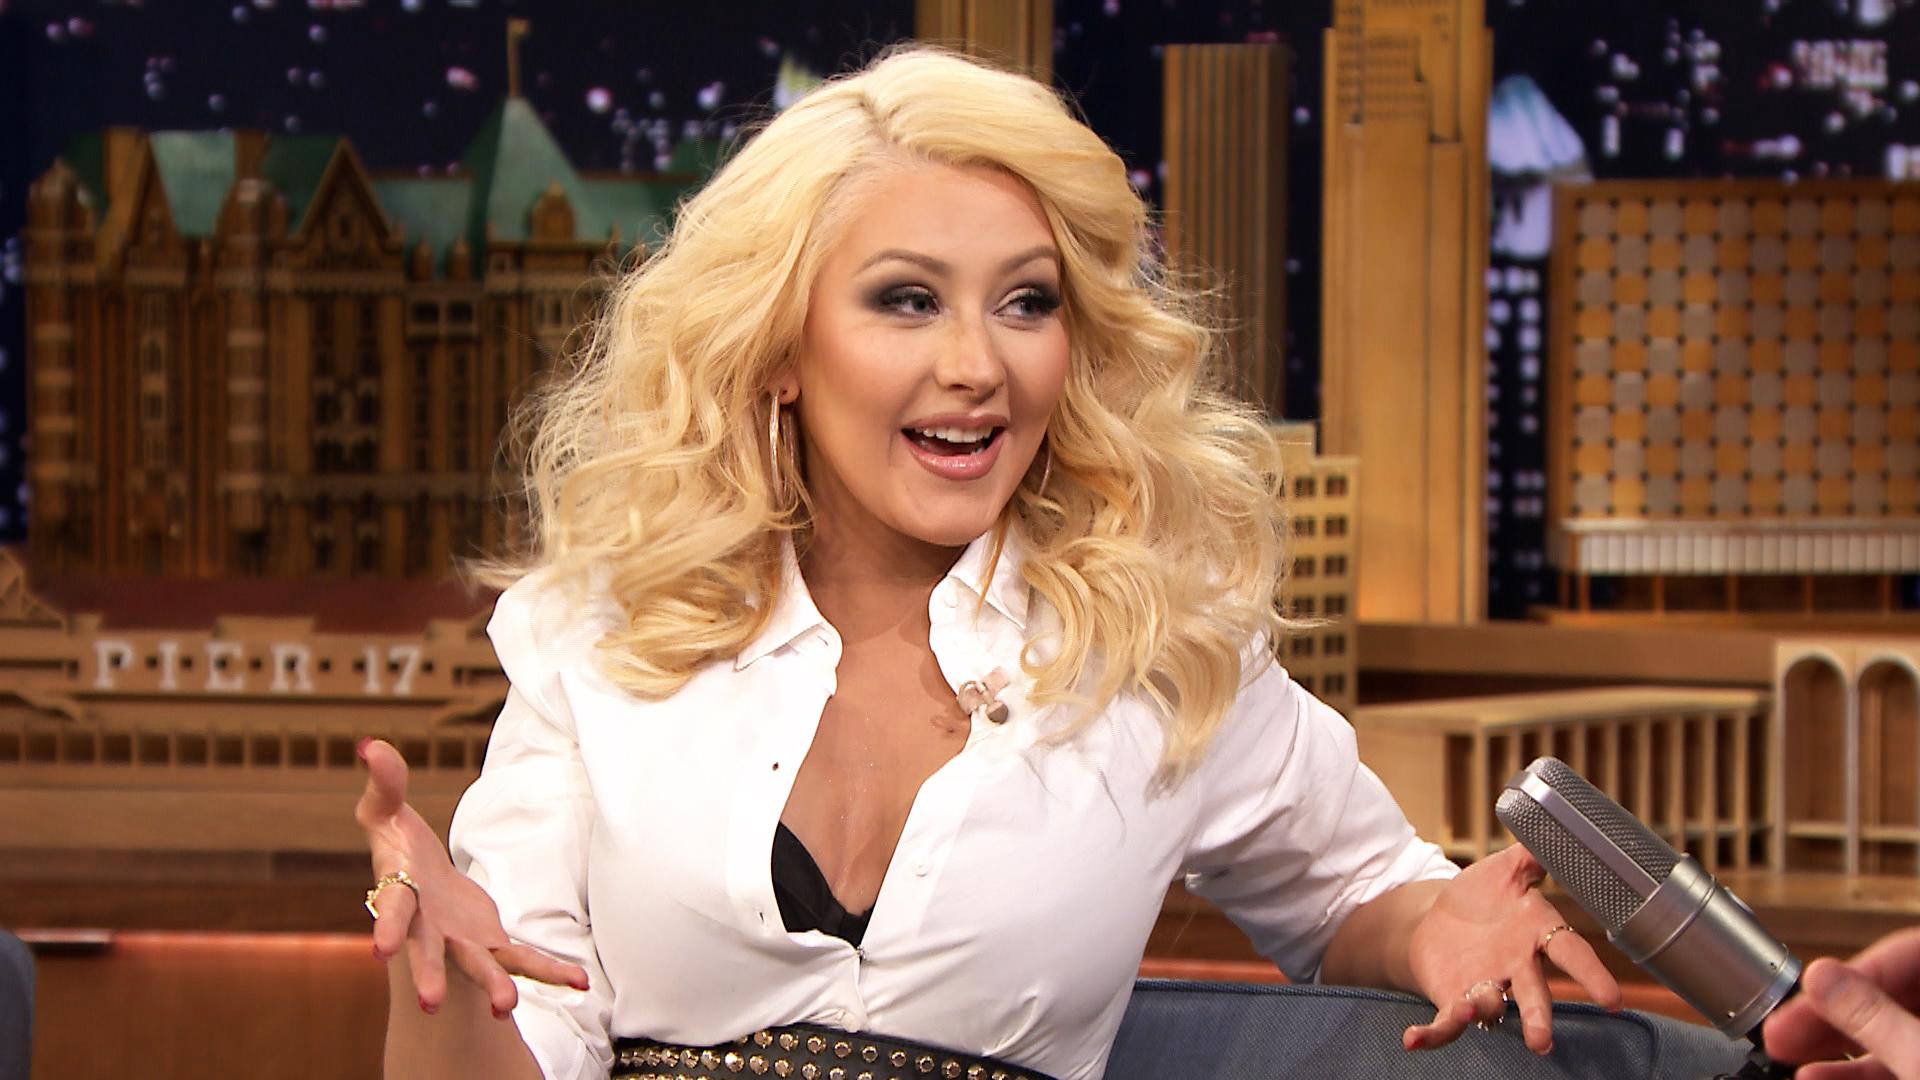 Christina Aguilera, altezza e peso